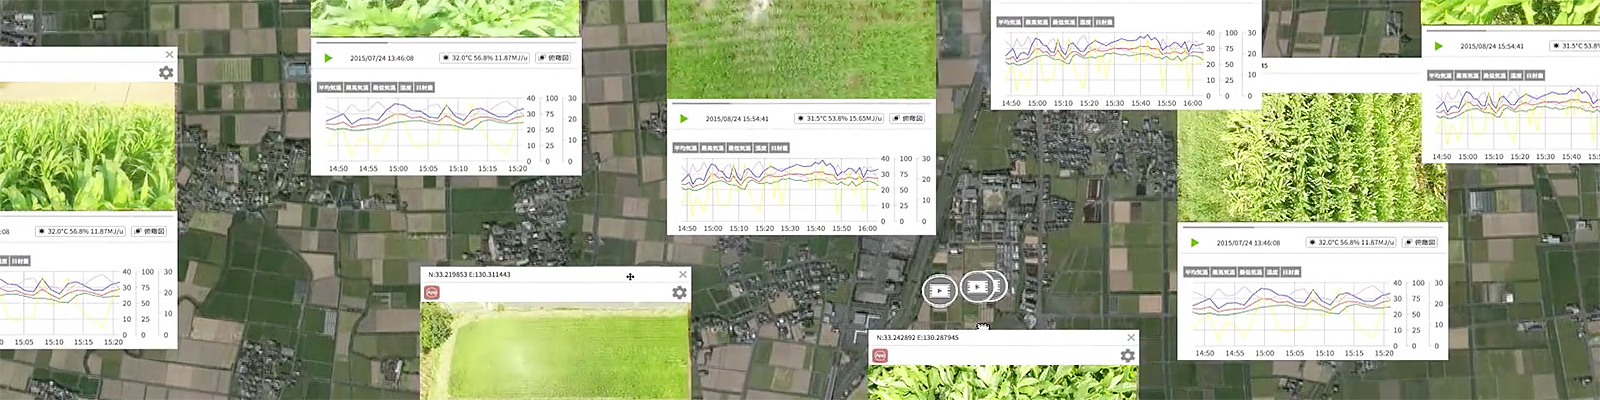 佐賀大学農学部×佐賀県生産振興部×オプティムの連携による、IT農業の取り組み